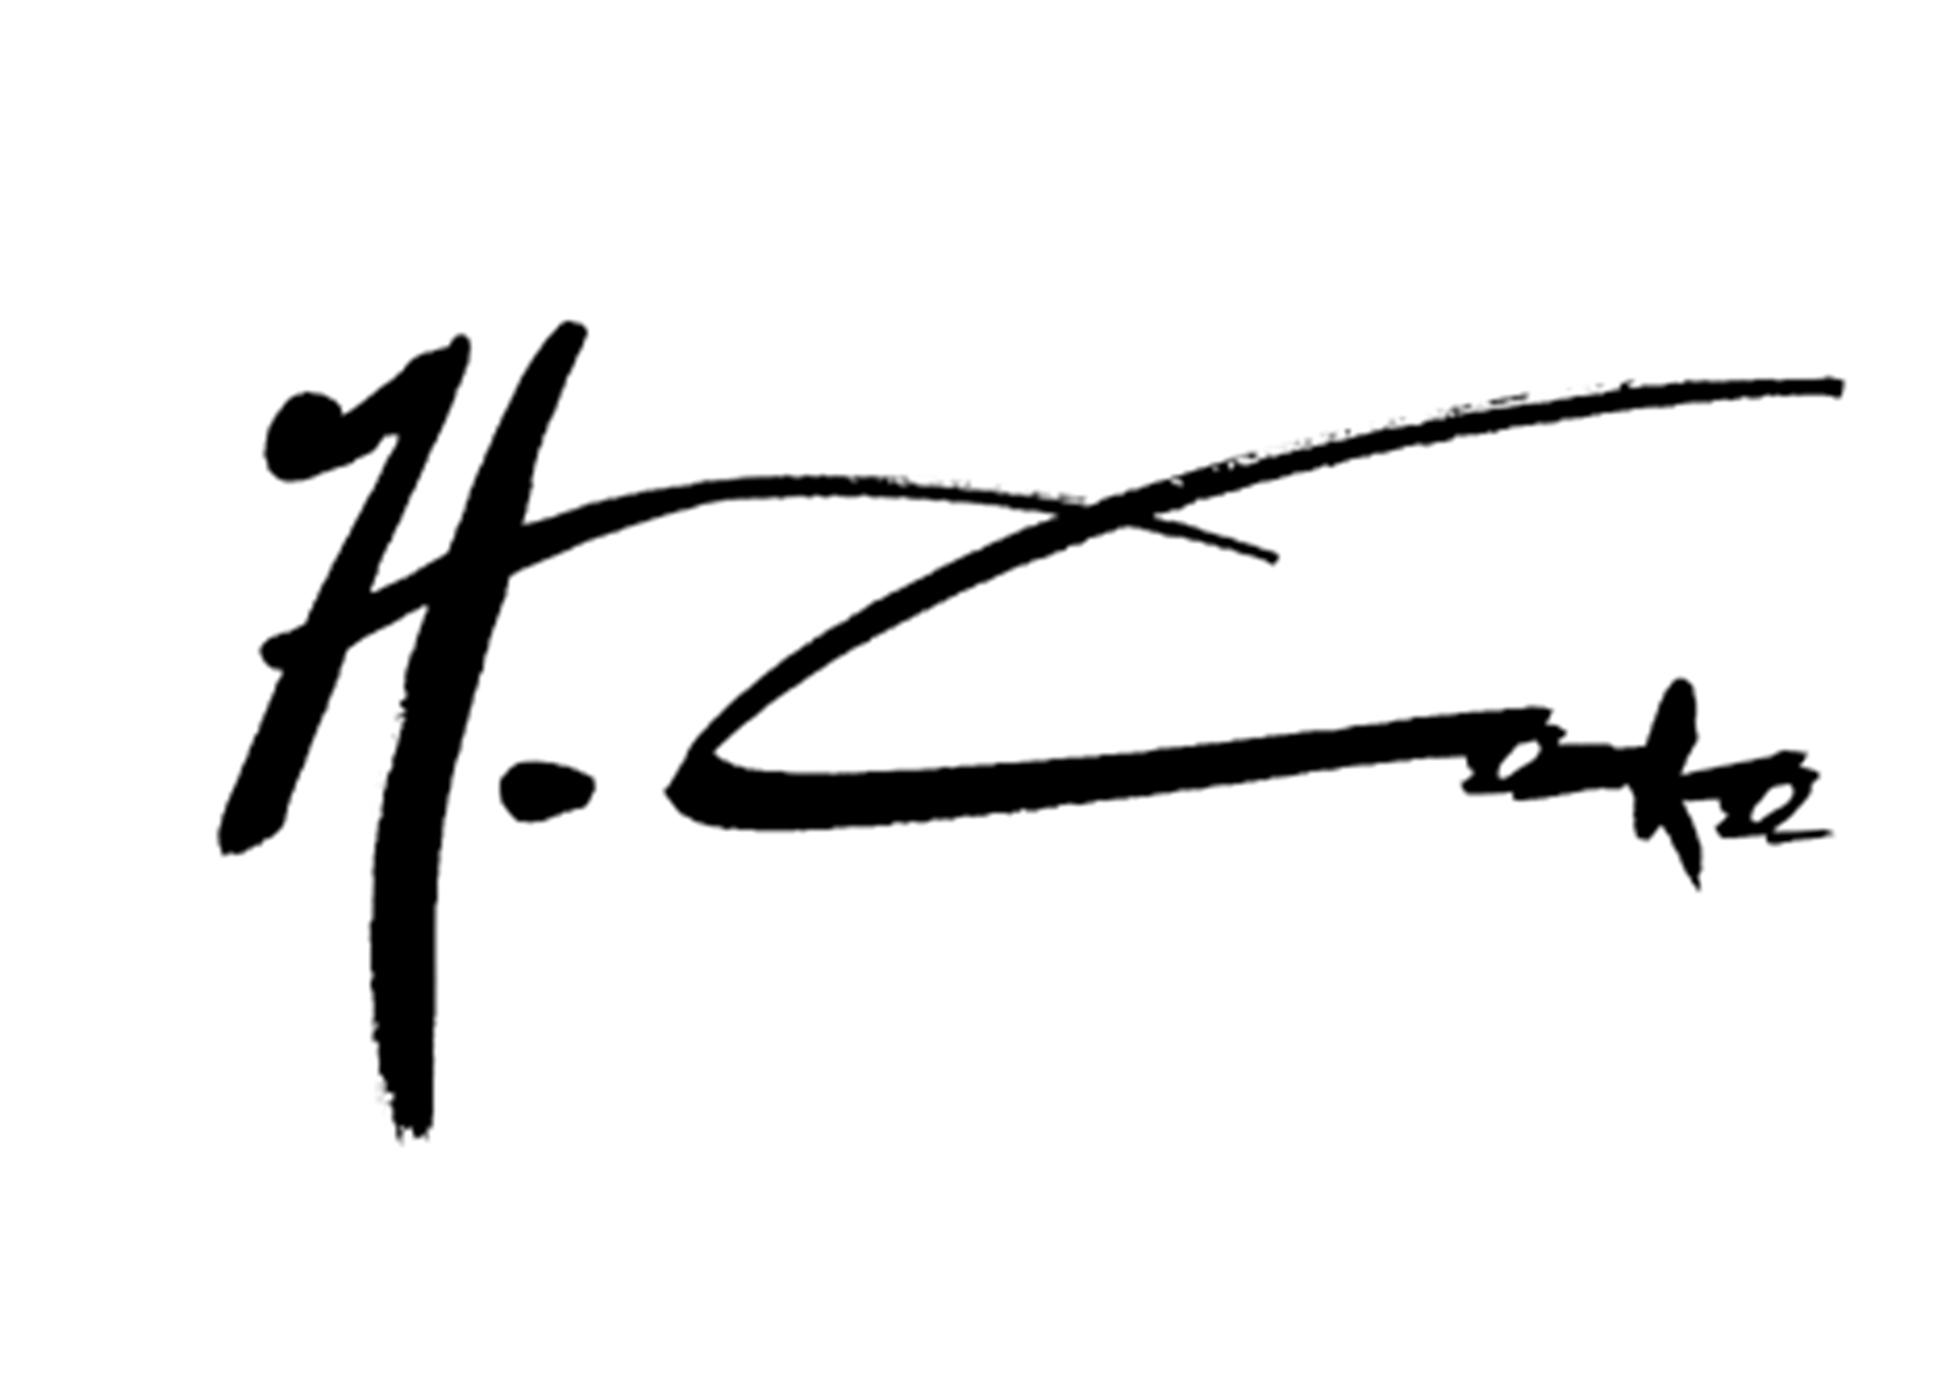 hesham taha's Signature